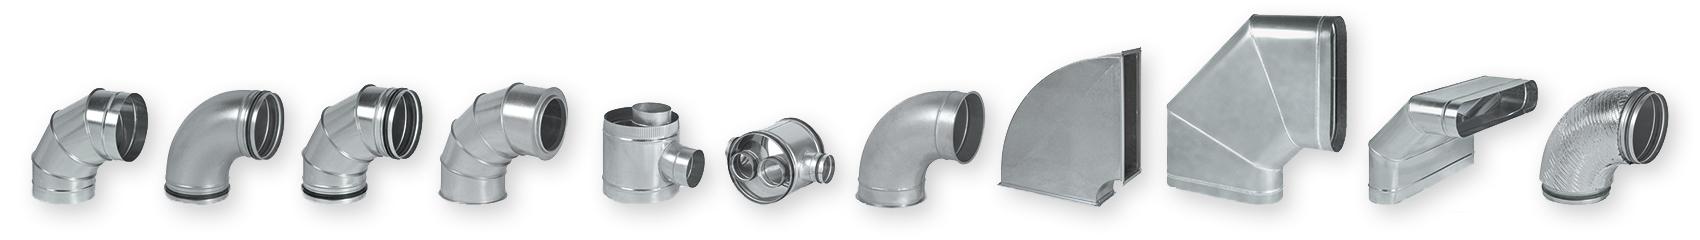 gama de conductos y accesorios para tubos de ventilación y climatización Novatub